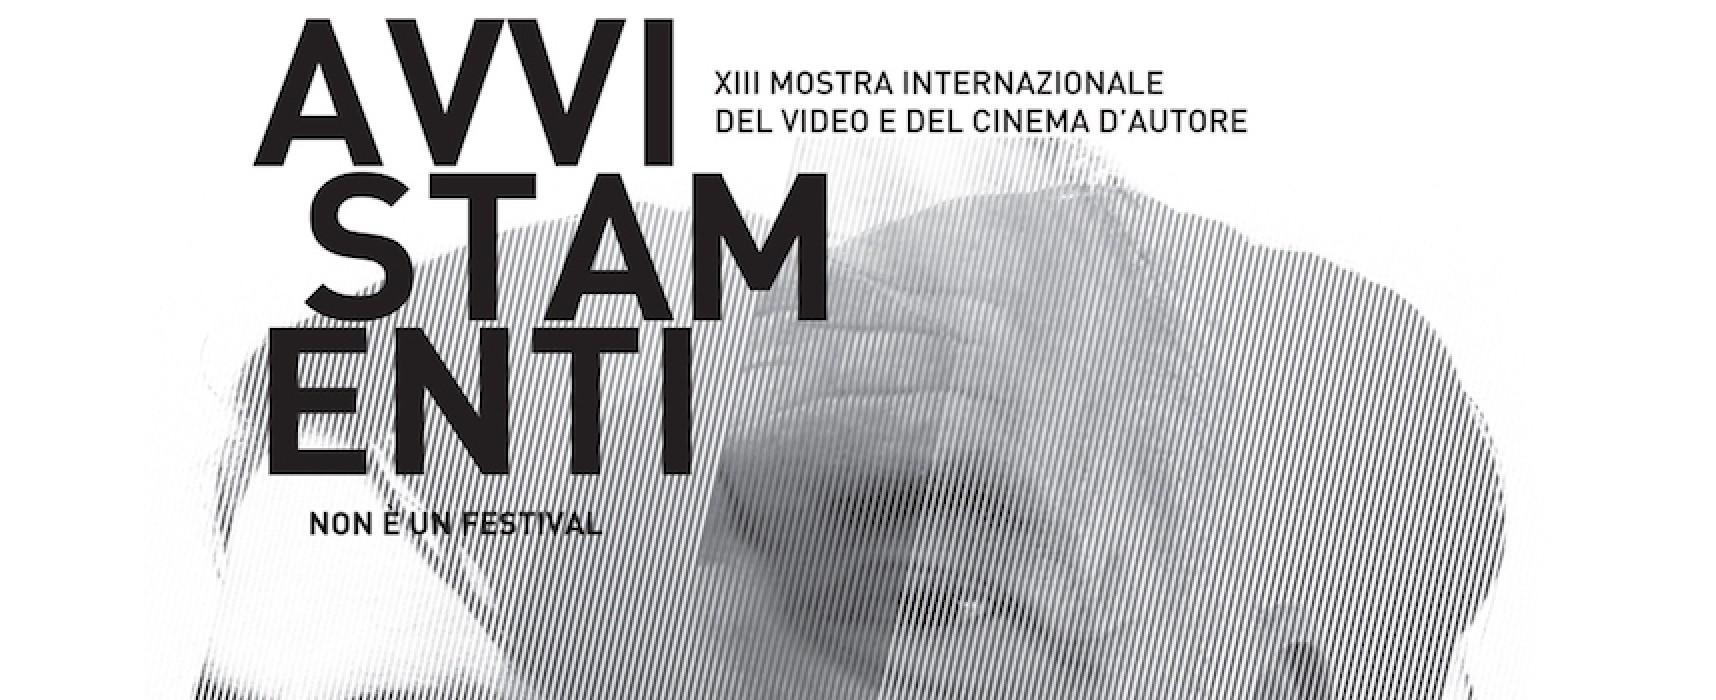 Parte domani la tredicesima edizione di Avvistamenti, mostra sul cinema e video d'autore